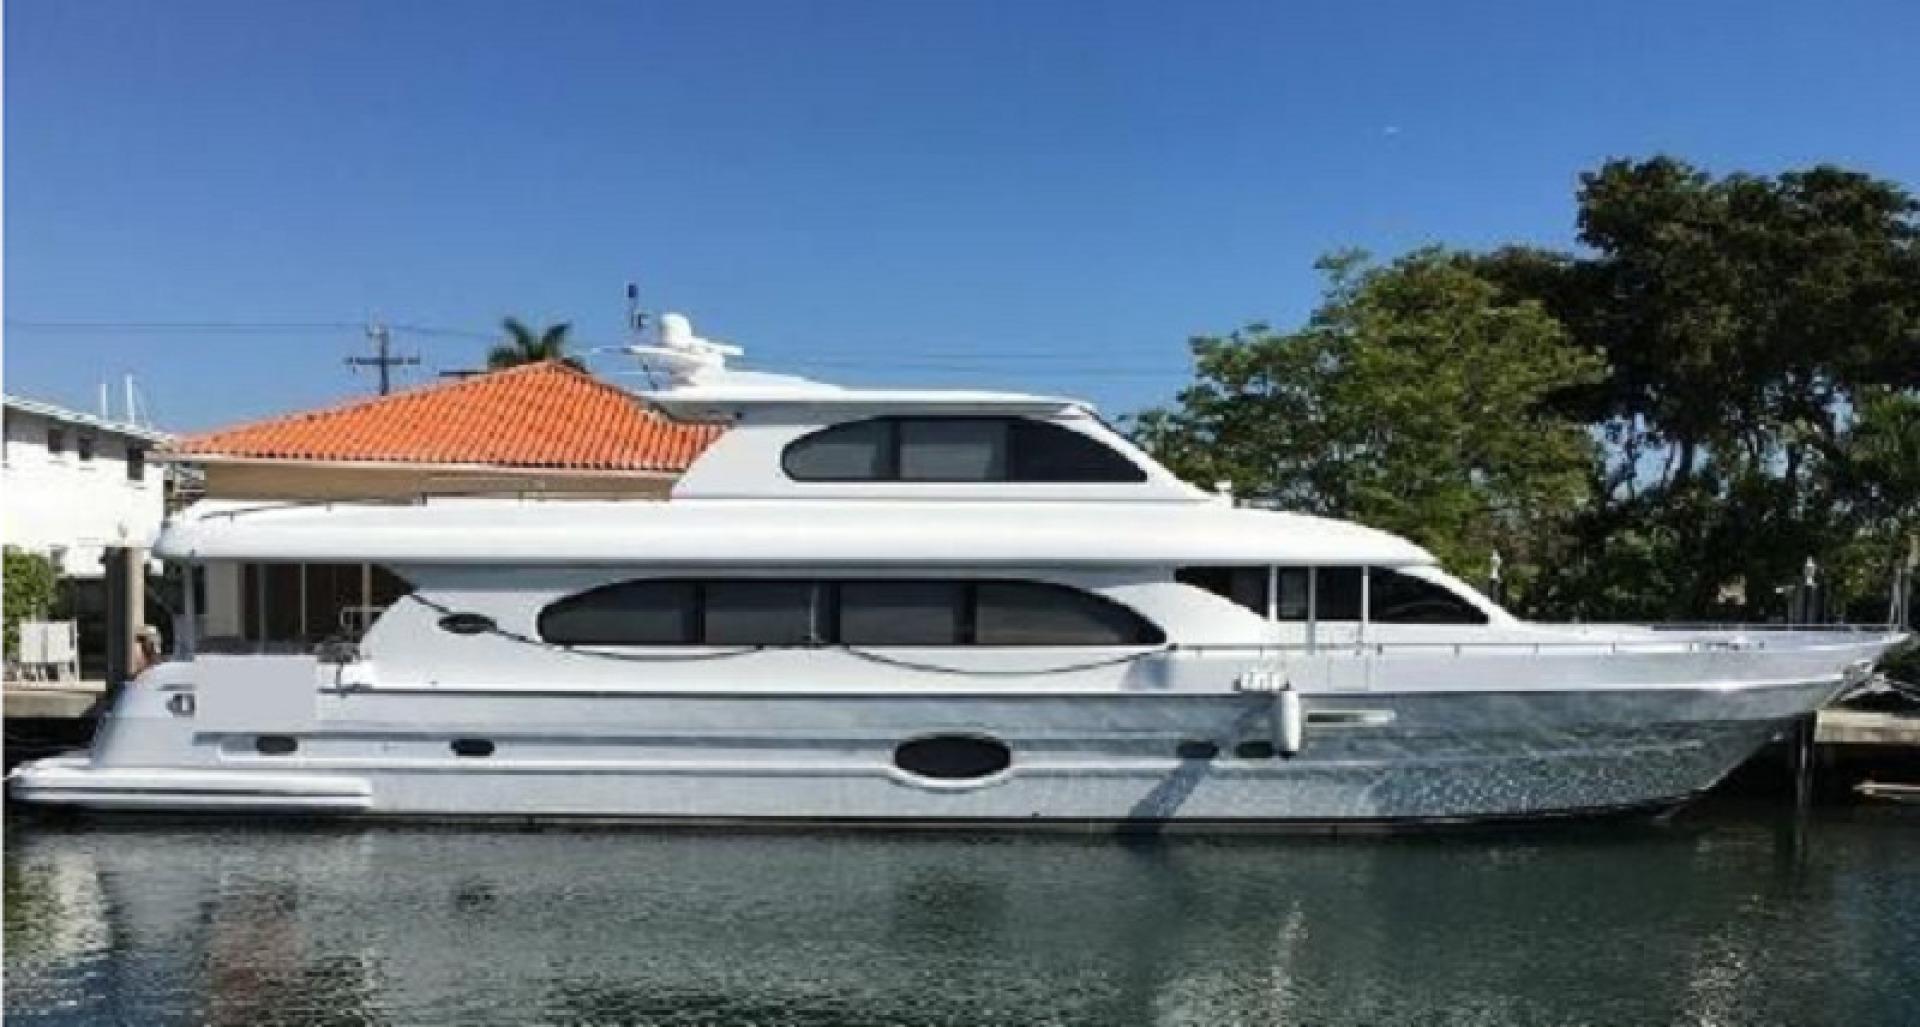 1990 Tarrab 91' Tri Deck Motor yacht